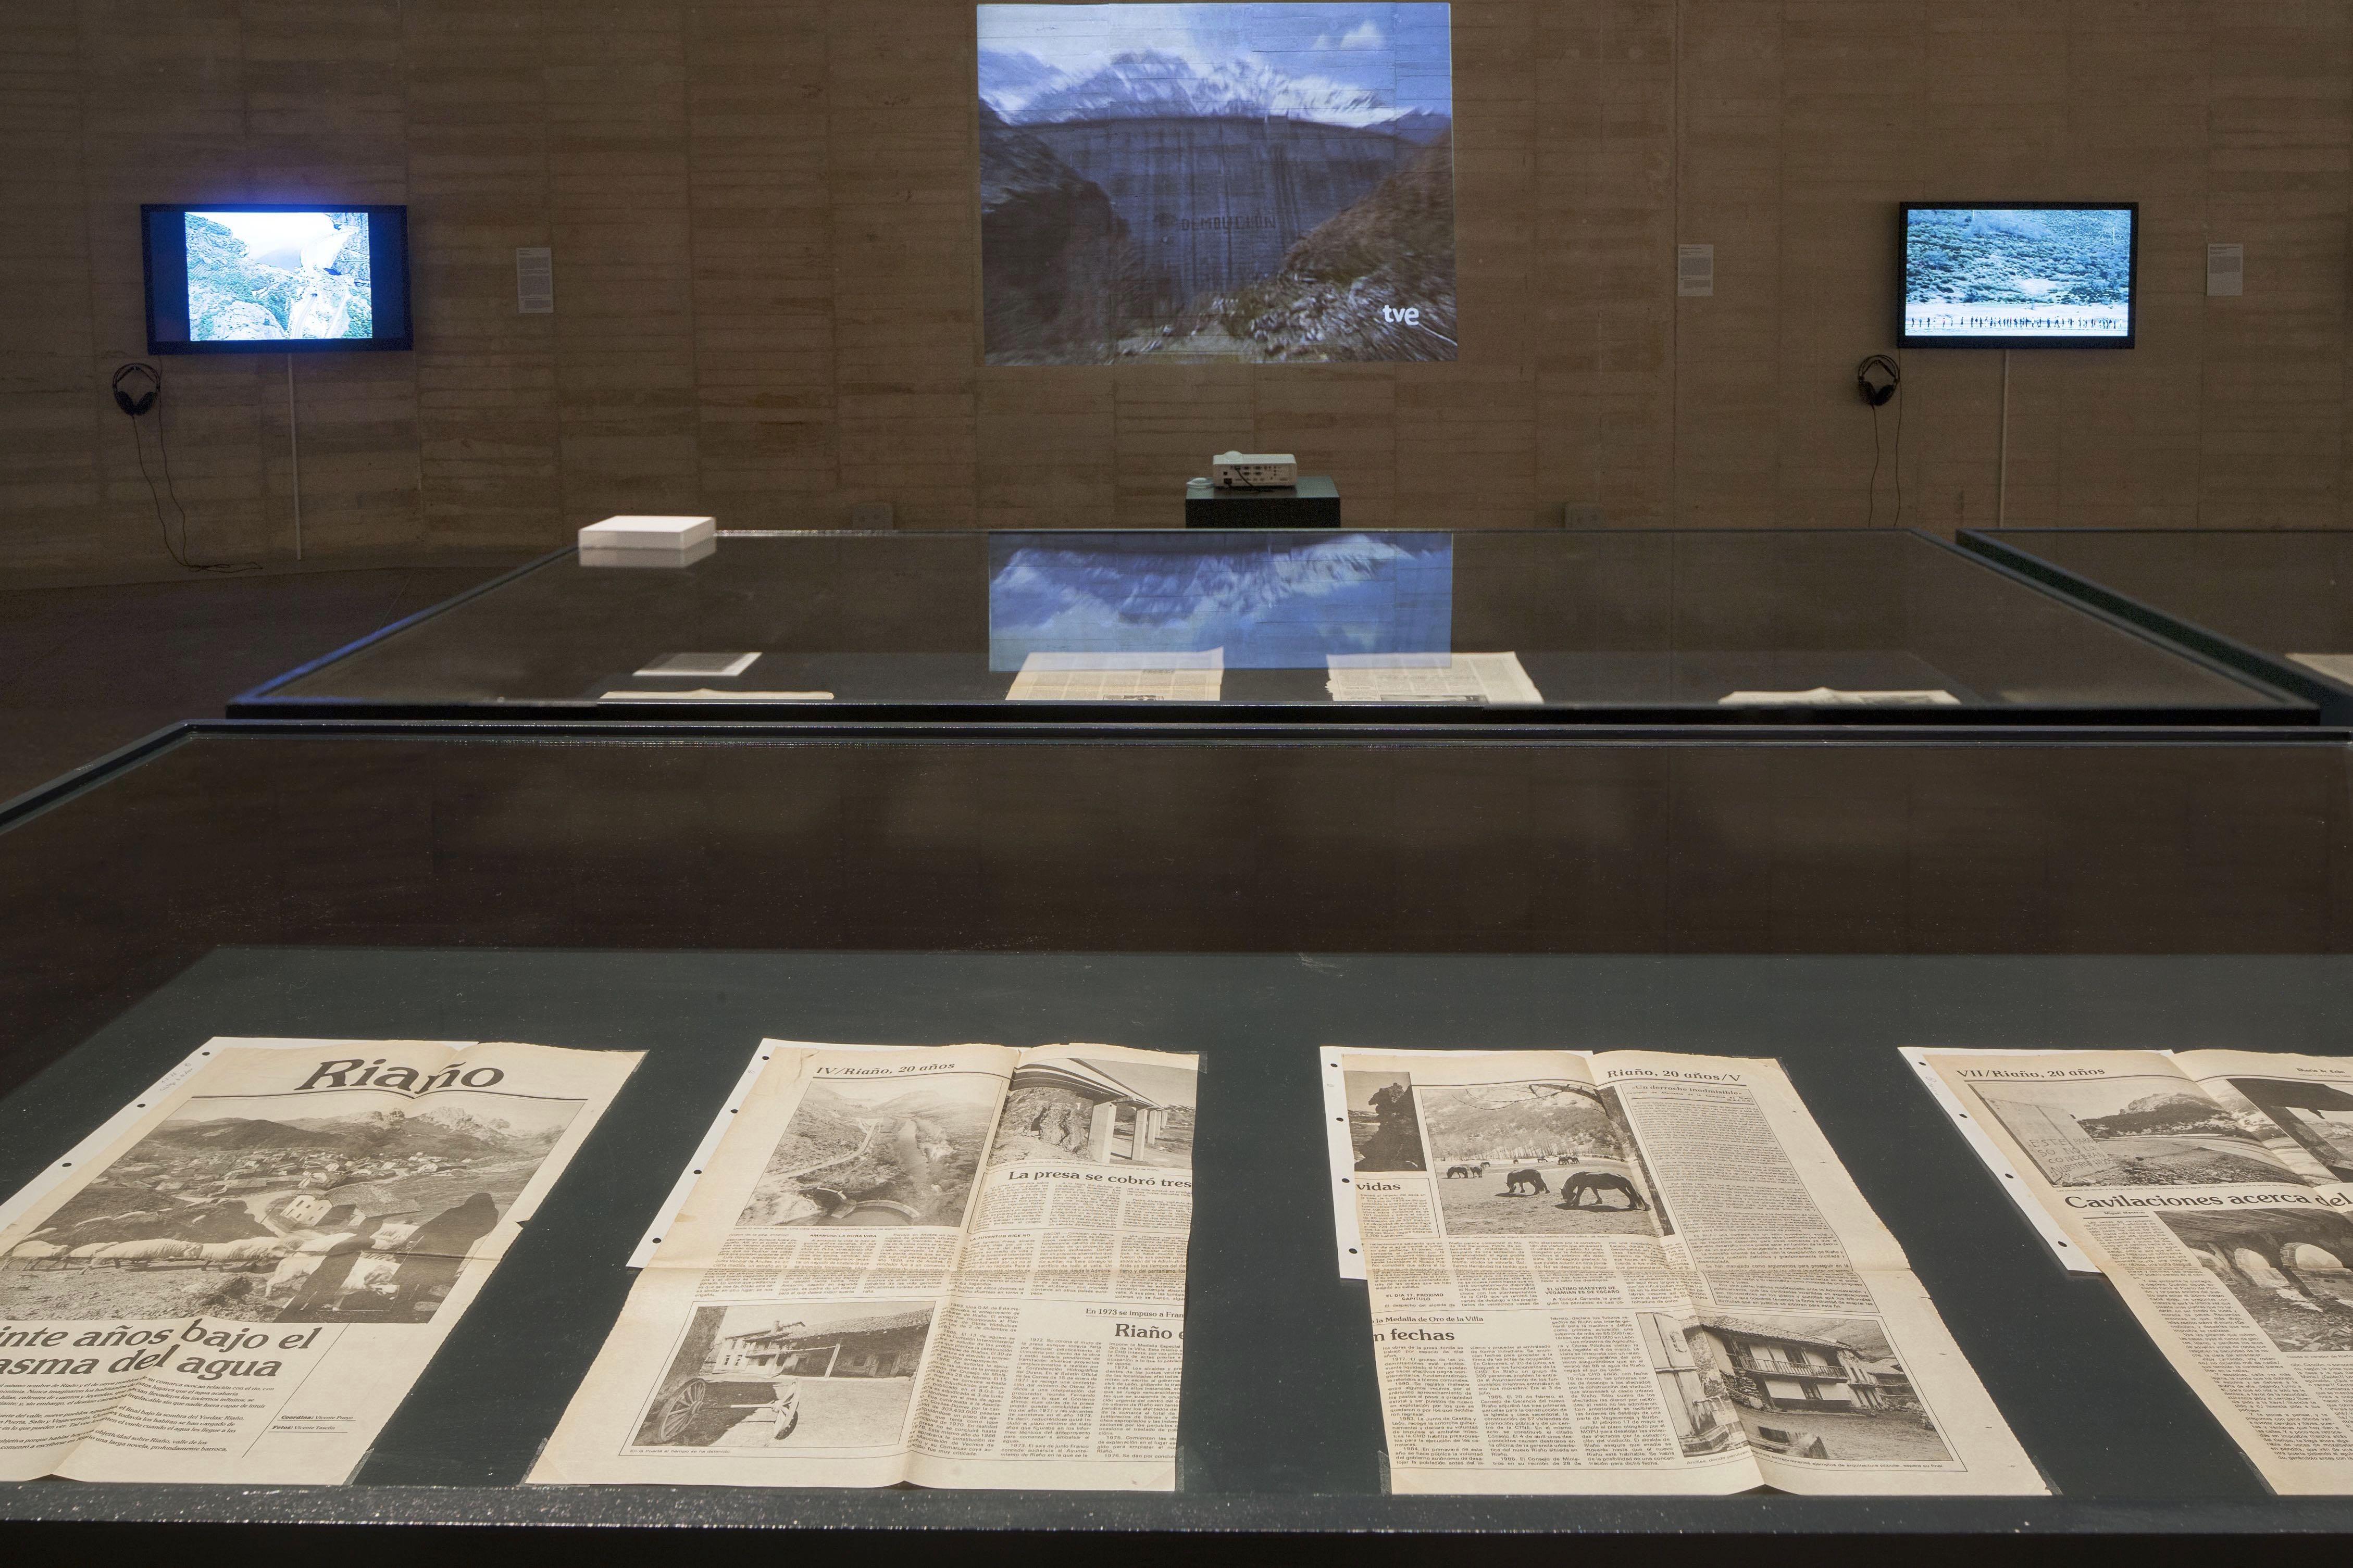 Archivo periodistico domestico sobre Riano - Region - FCAYC - 1 (1)